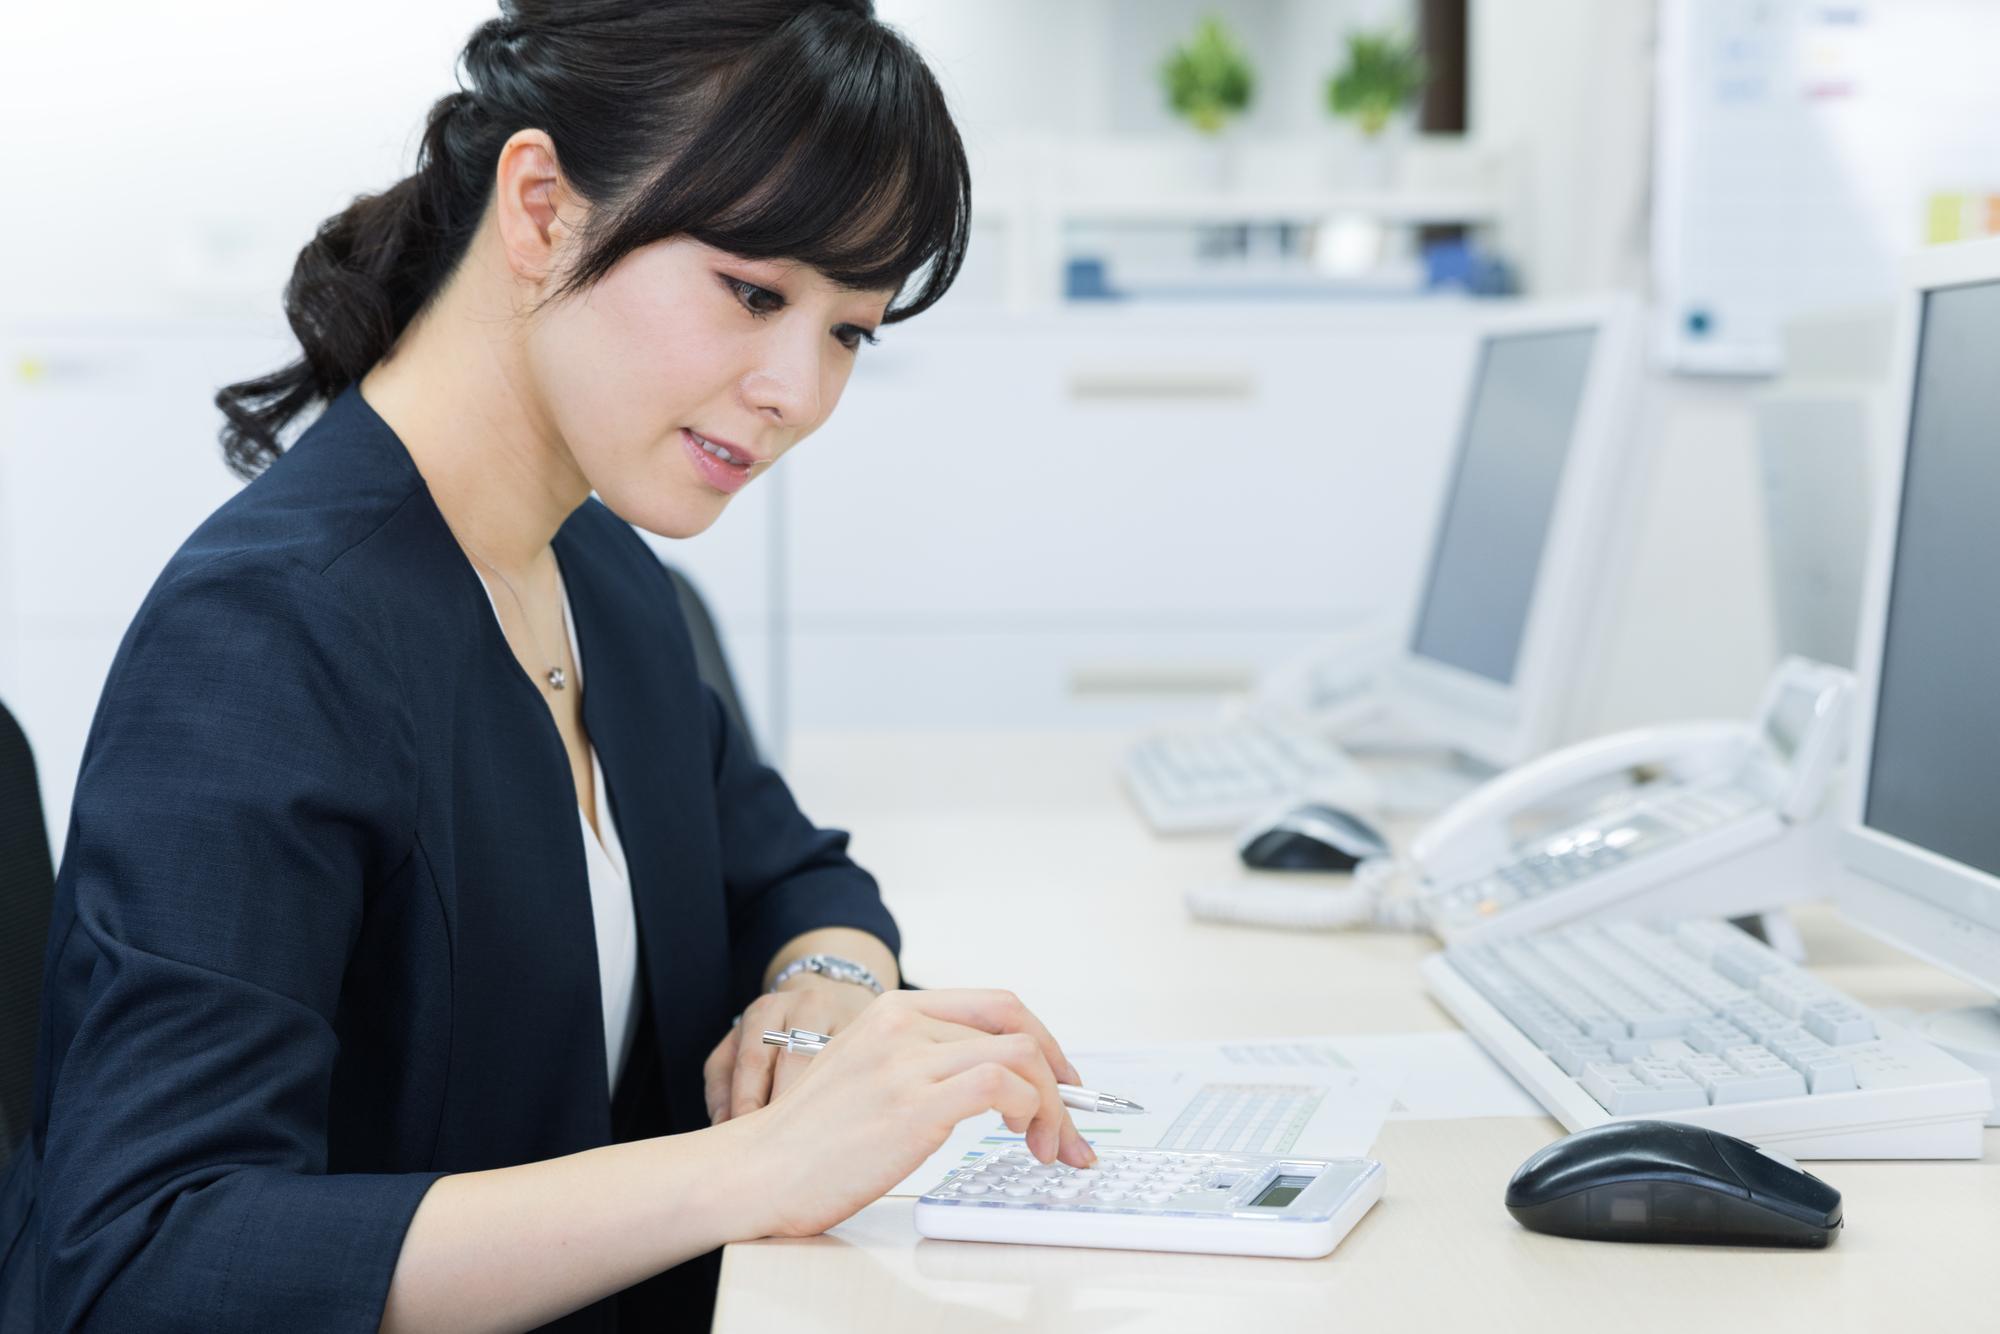 派遣の休業手当・休業補償について 担当者が押さえておきたい支給条件、計算方法を整理して解説!_4